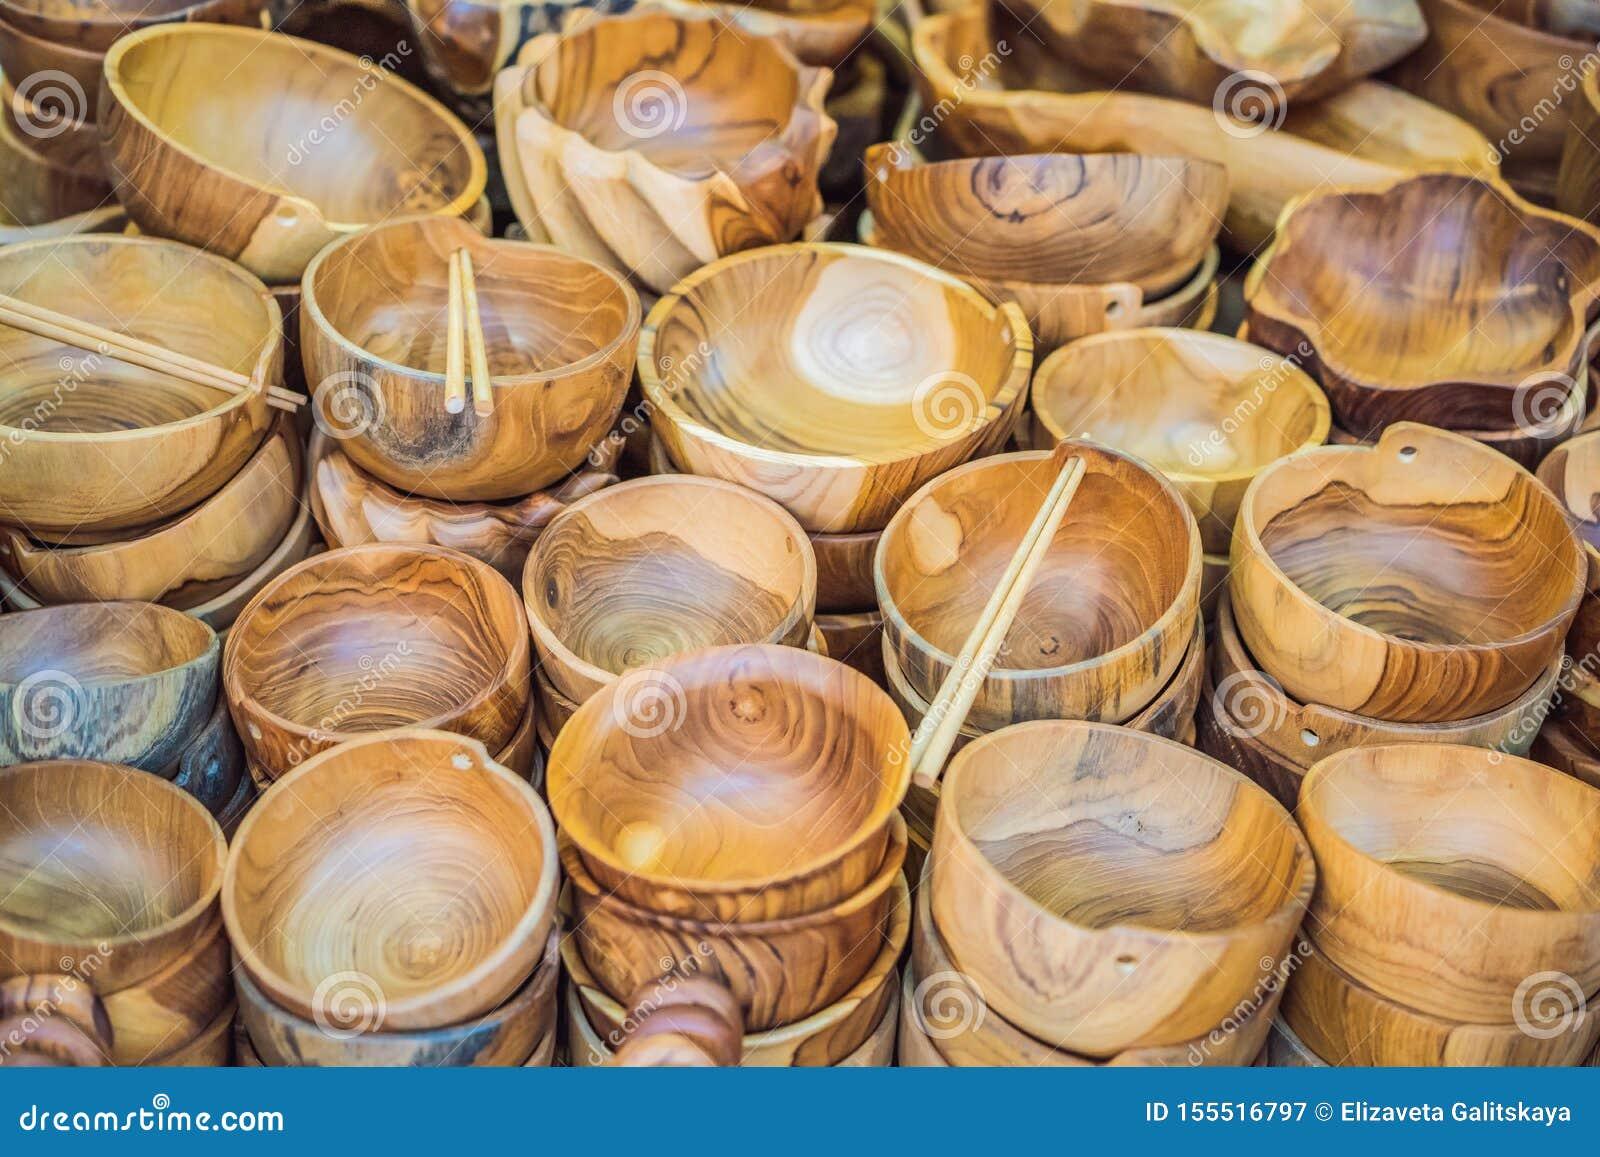 Negozio di ricordo tipico che vende i ricordi e gli artigianato di Bali al mercato famoso di Ubud, Indonesia Mercato di balinese